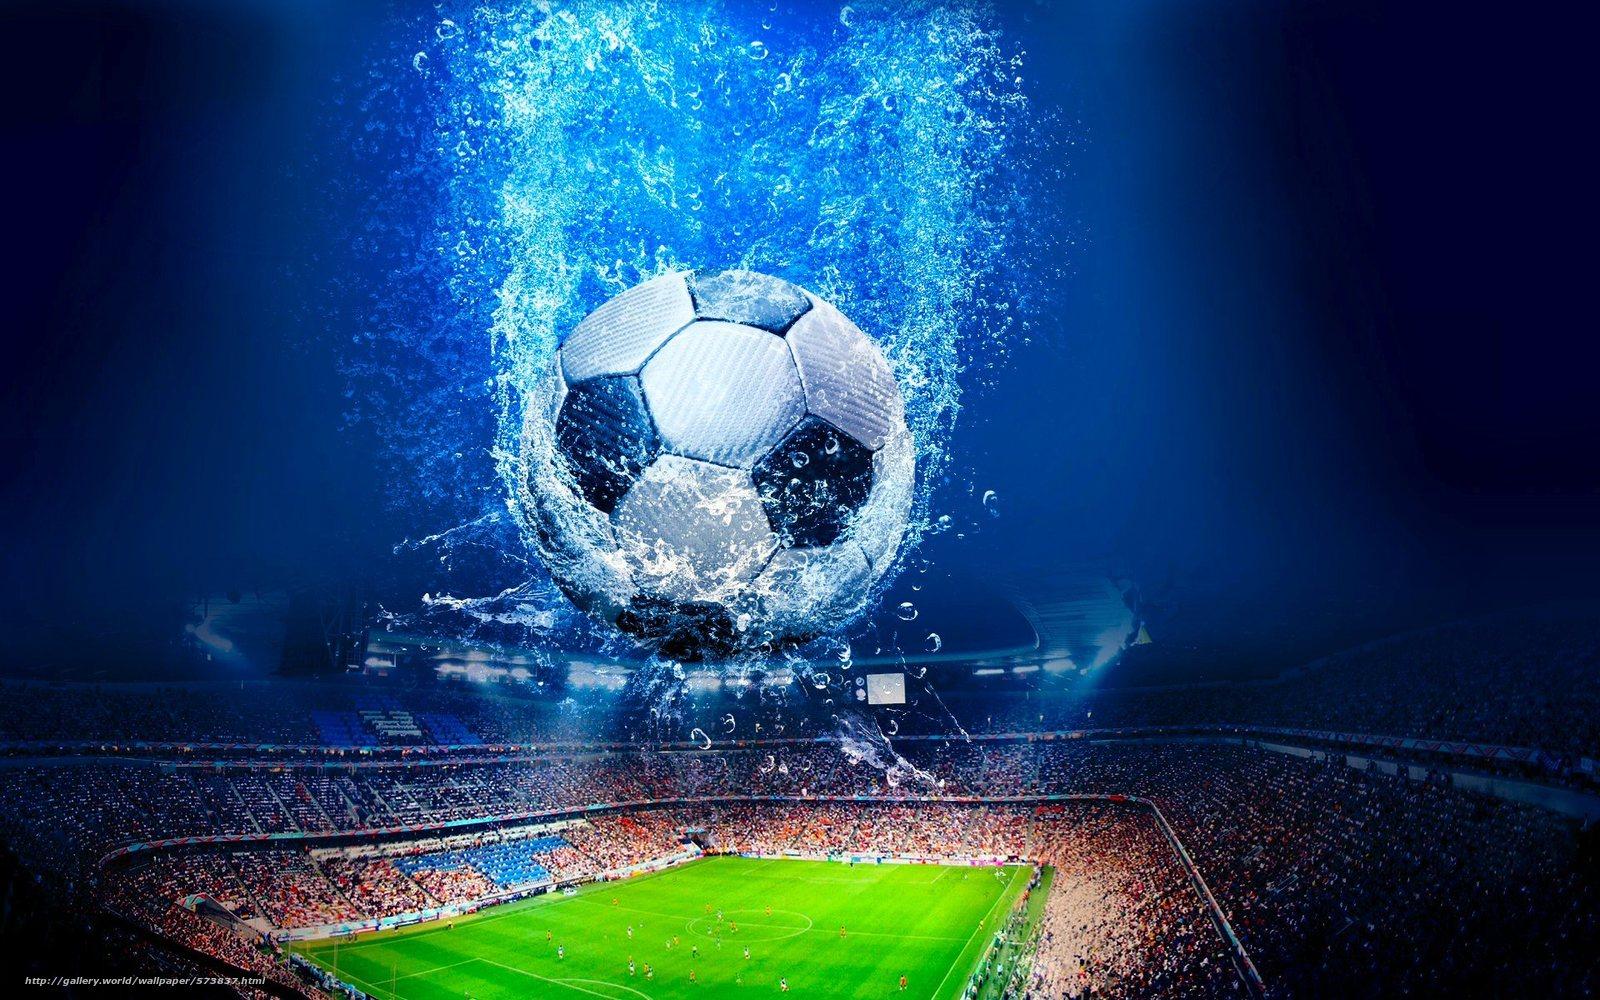 Download Hintergrund Stadion Ball Fussball Feld Freie